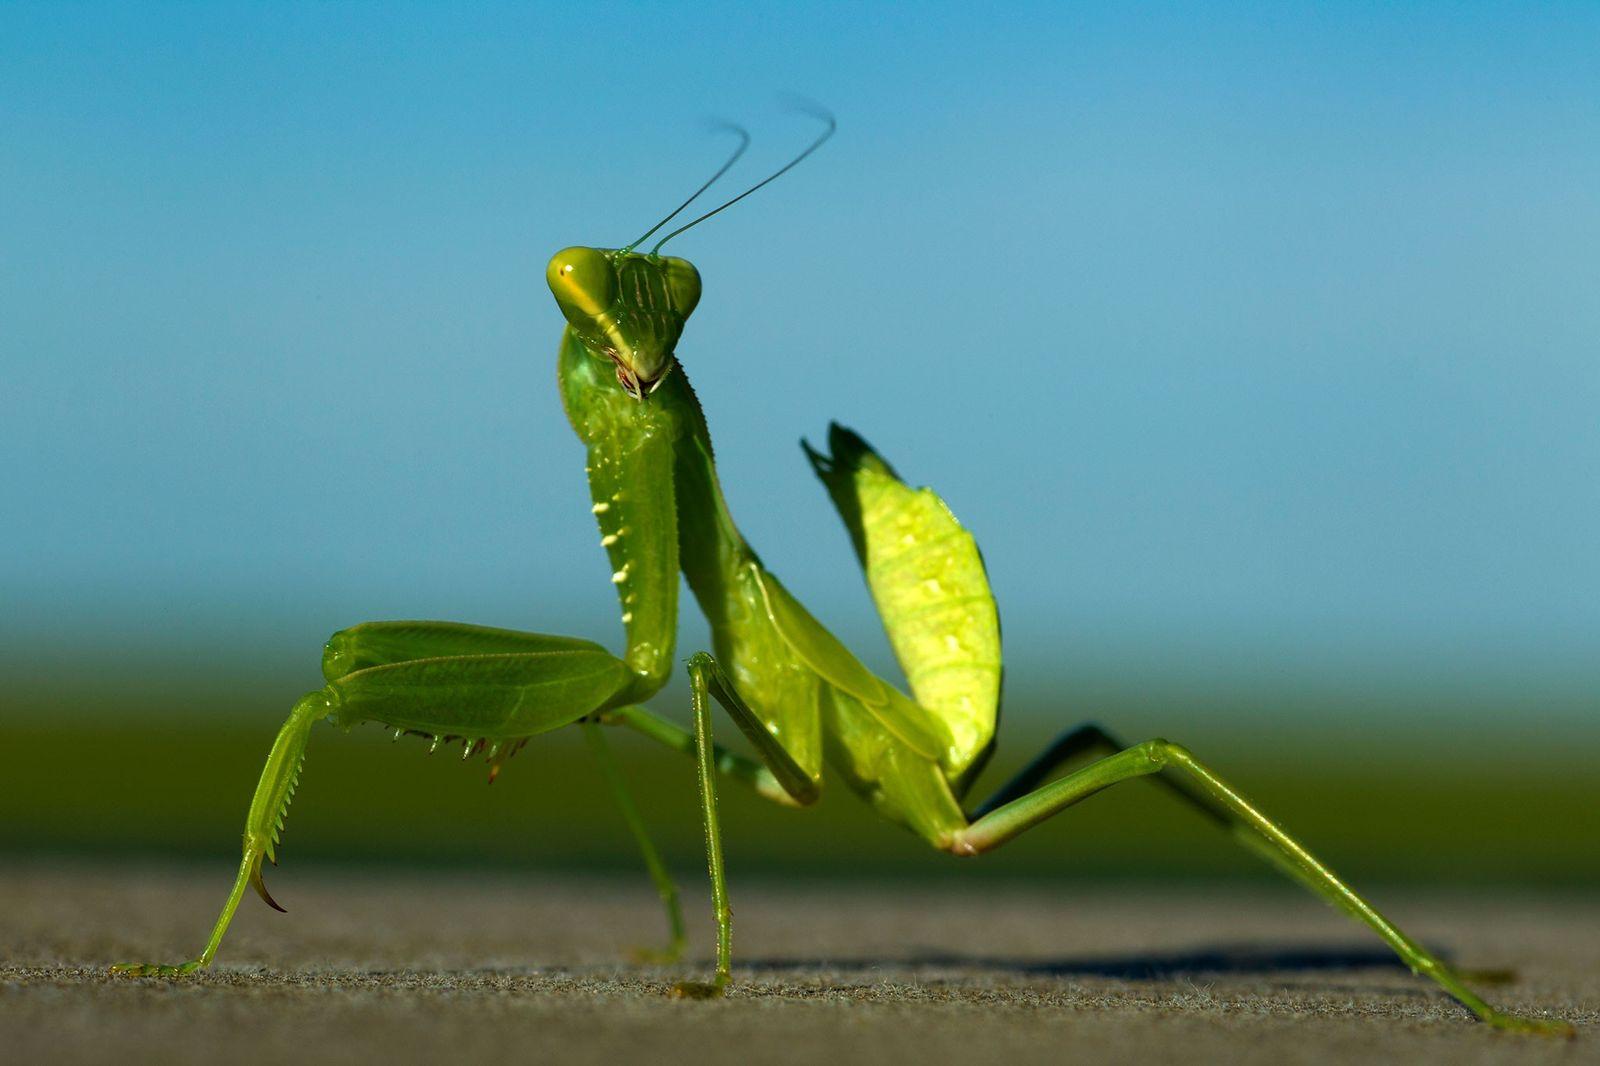 La mantis religiosa